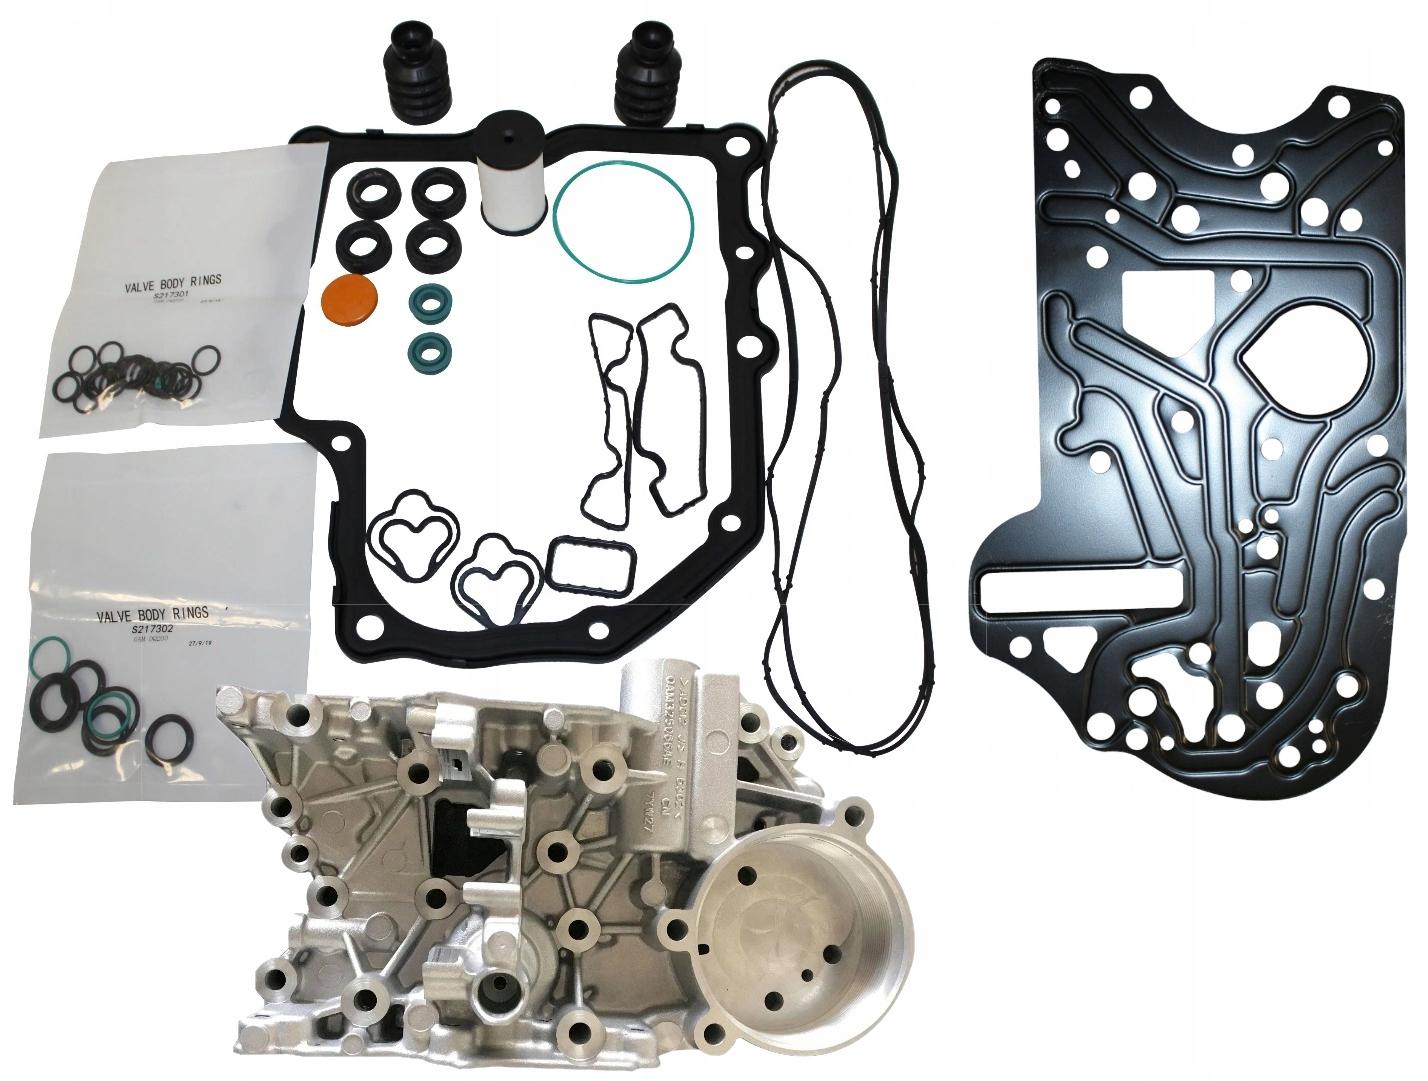 Freemoto - Zestaw naprawczy mechatroniki DQ200 0AM DSG7 Kompl